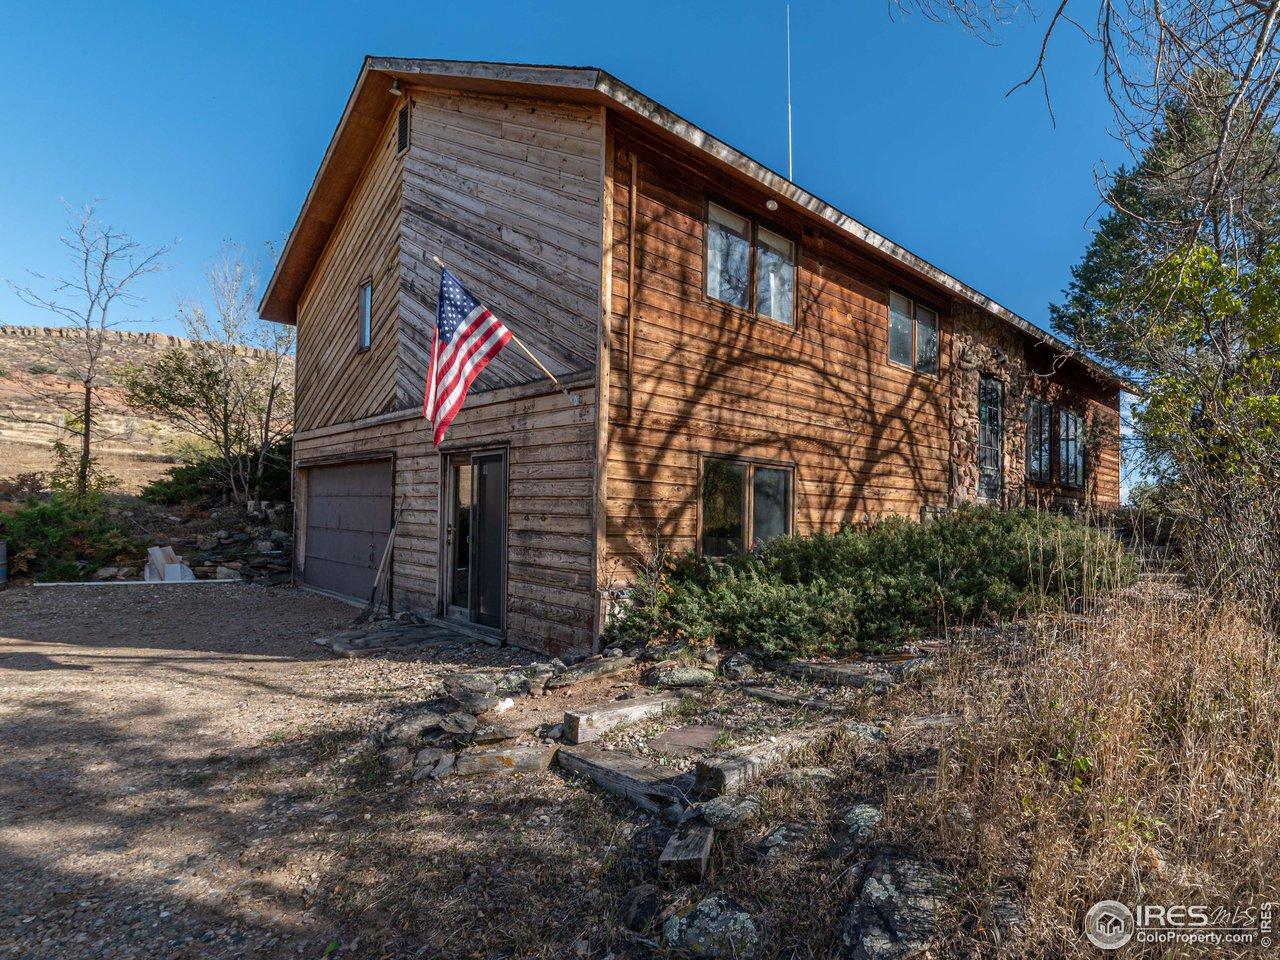 9534 Buckhorn Rd, Loveland CO 80538